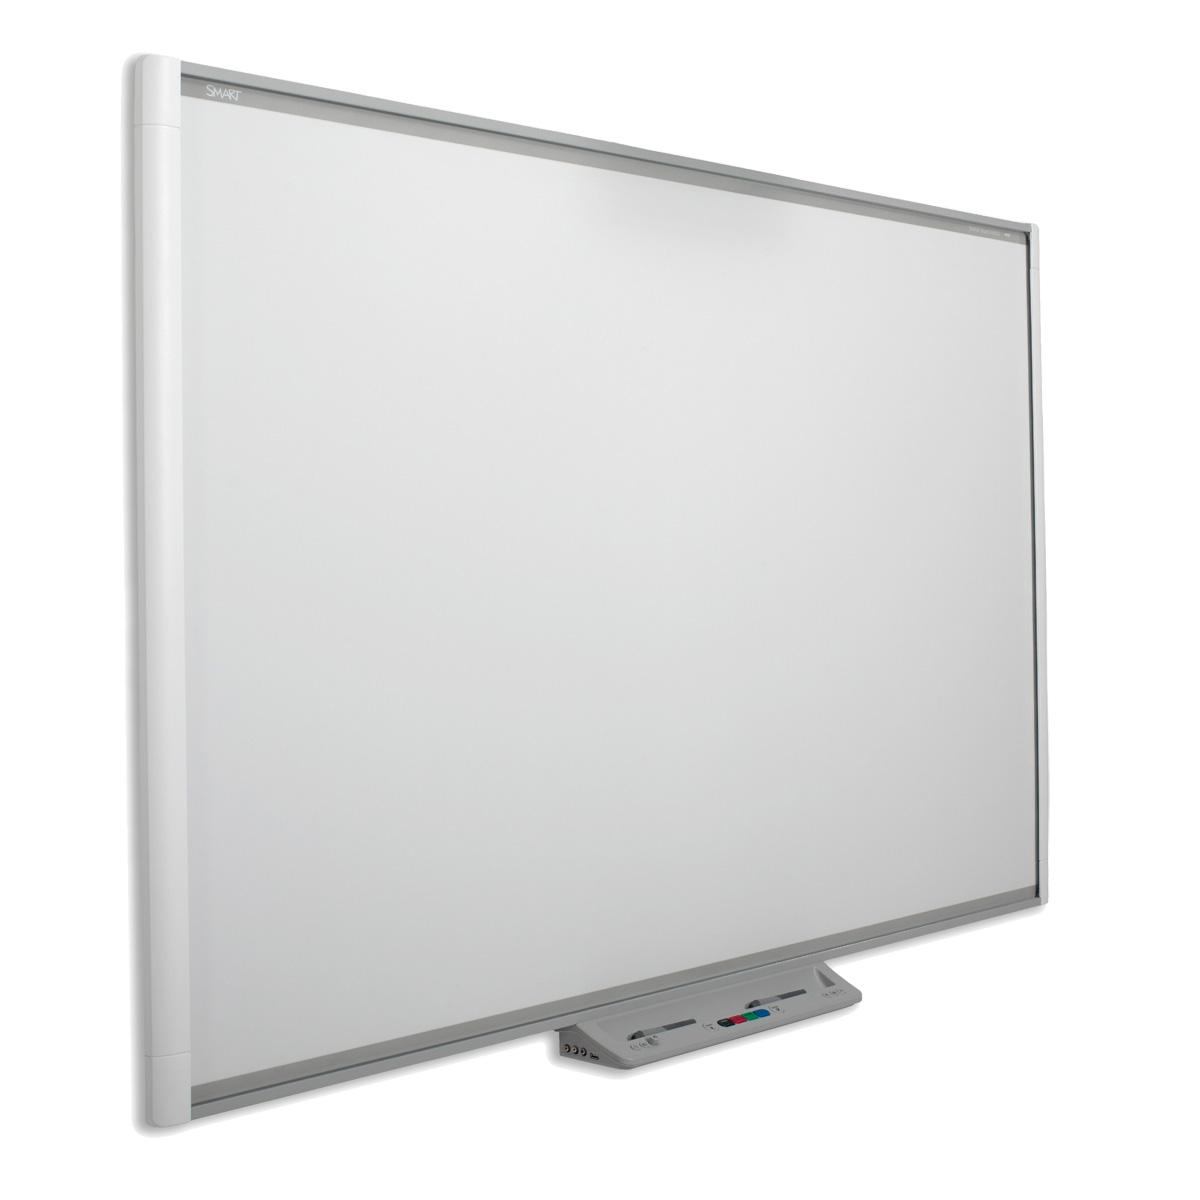 Bảng tương tác thông minh Smartview HVB- 9800I